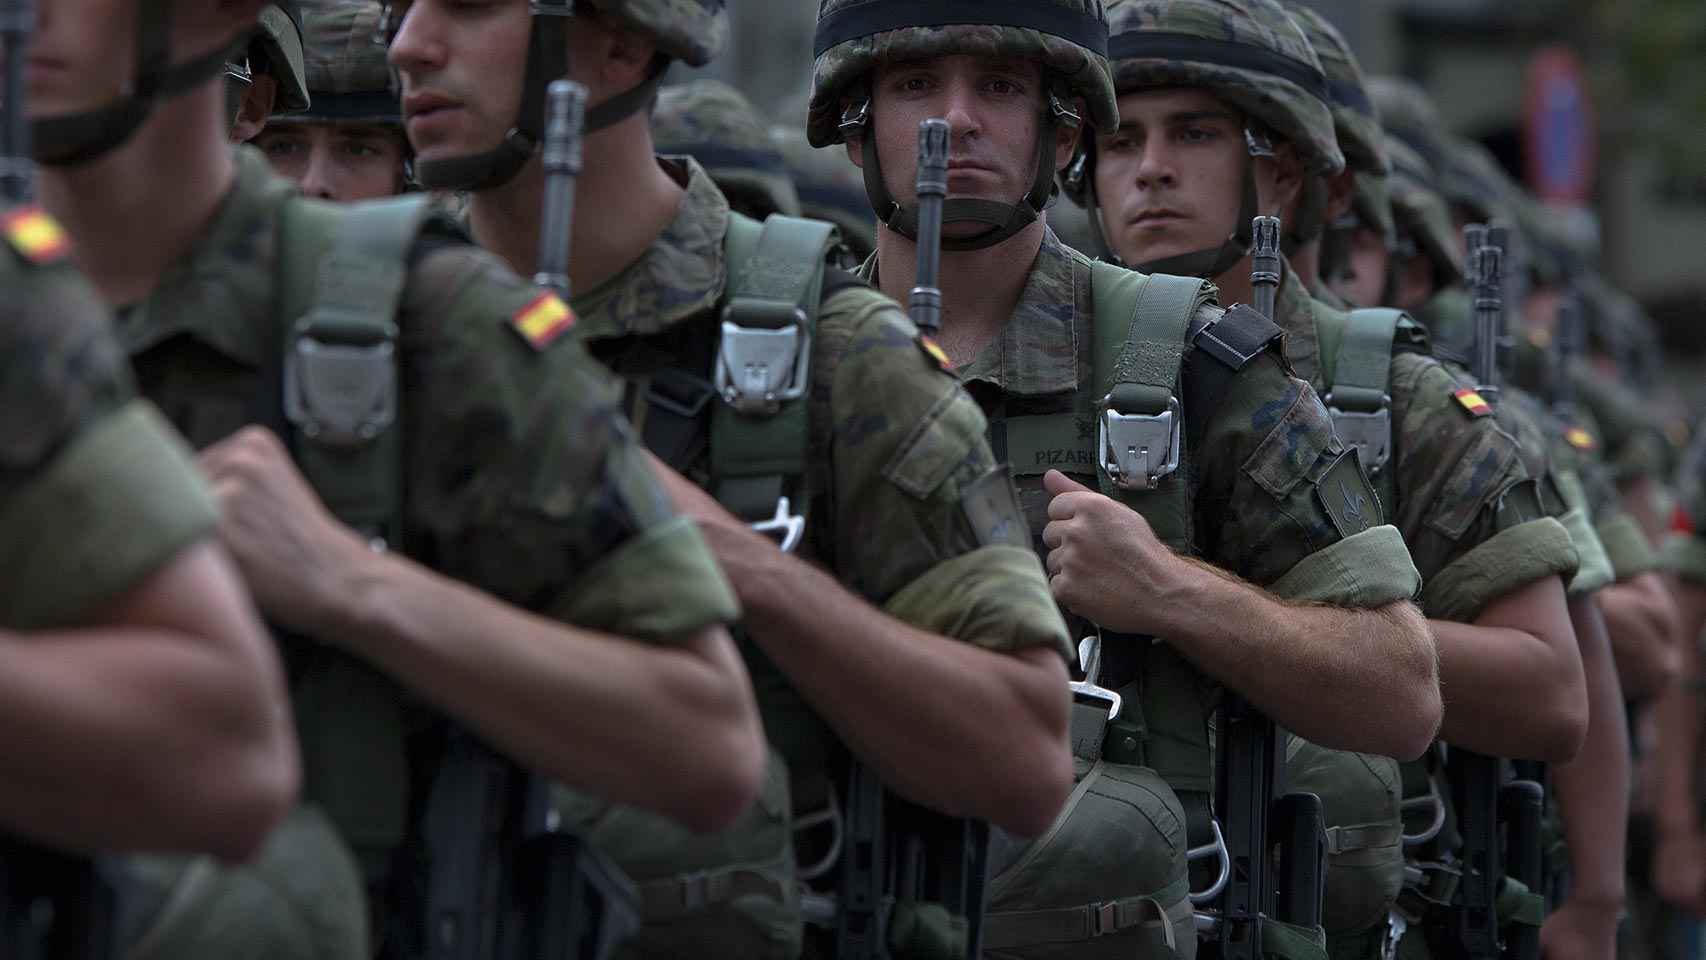 Militares españoles desfilan el 12 de octubre en Madrid.